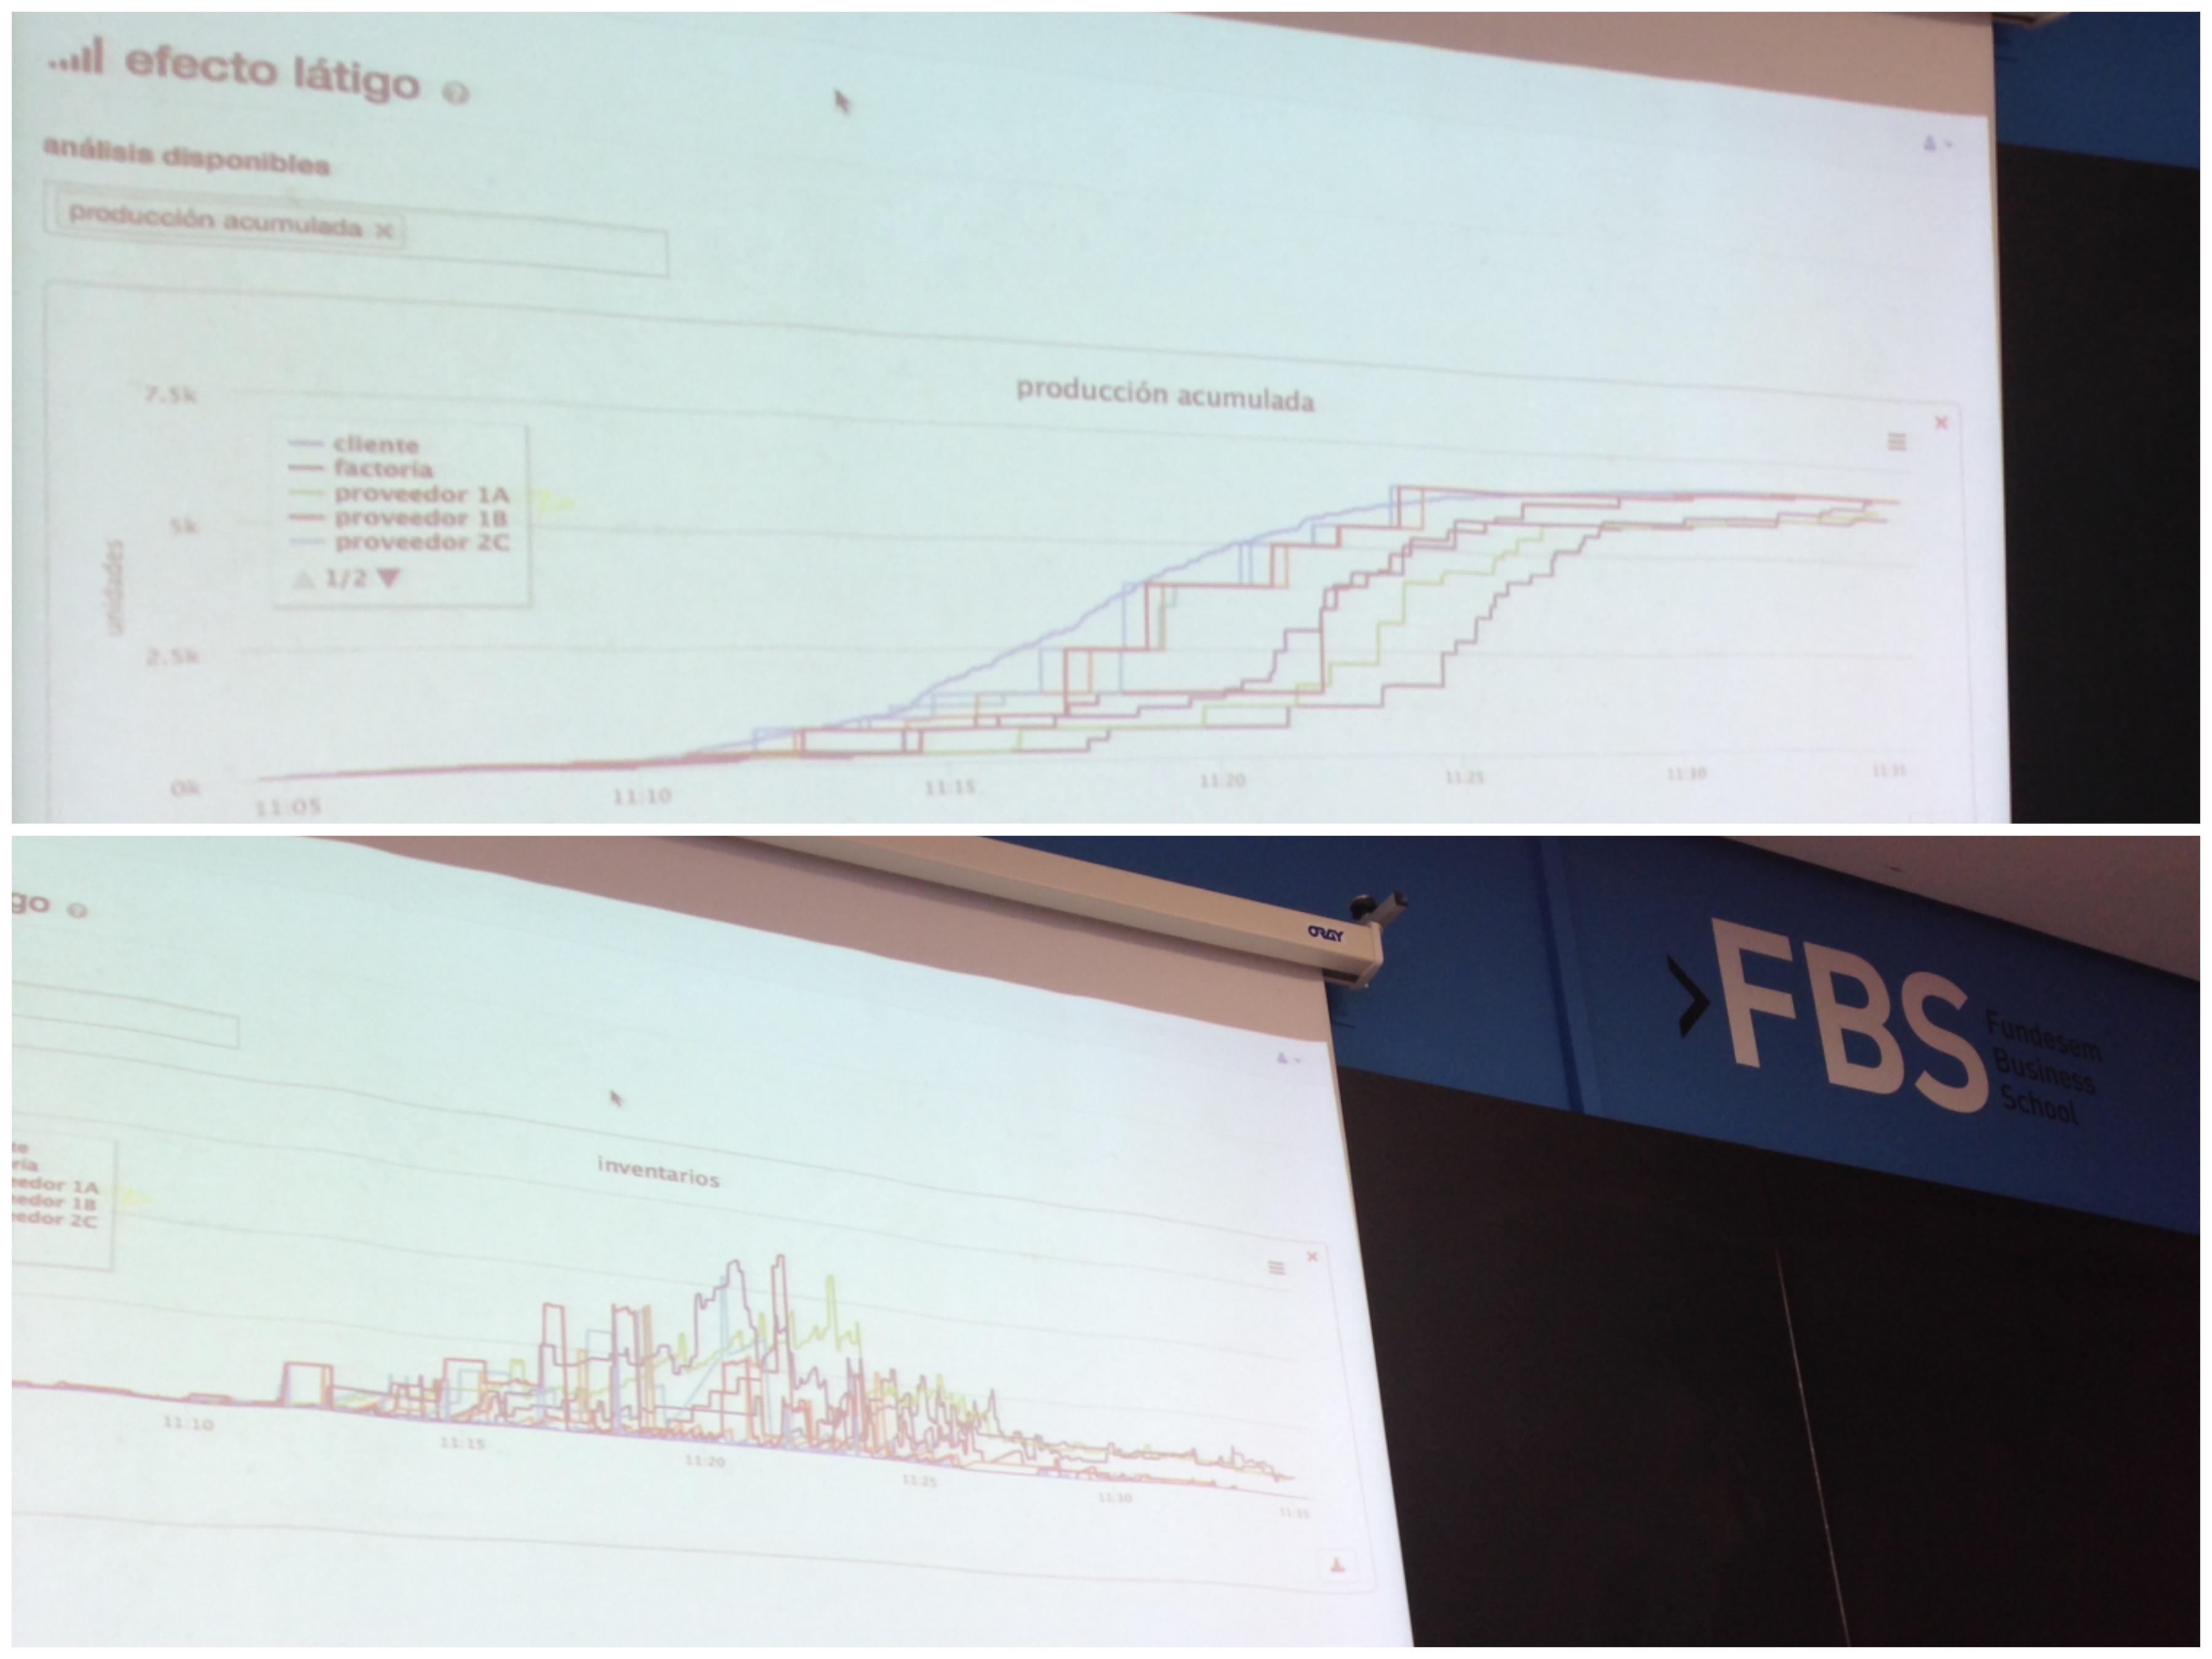 Los alumnos de FBS - Fundesem Business School jugando a implexa para simular la gestión de la cadena de suministros